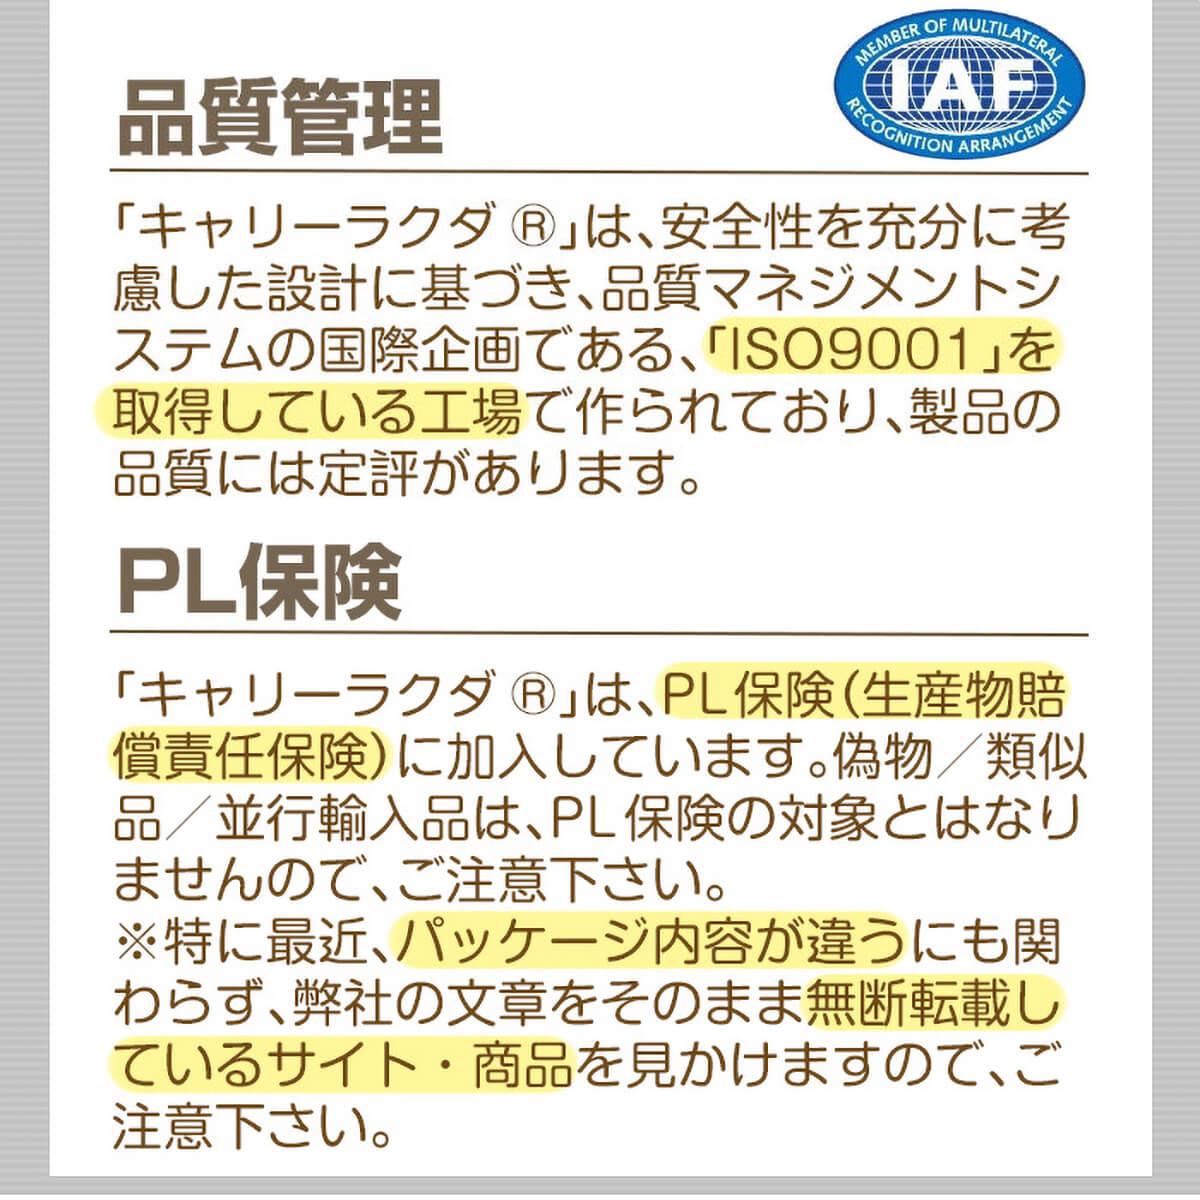 PL保険適用商品